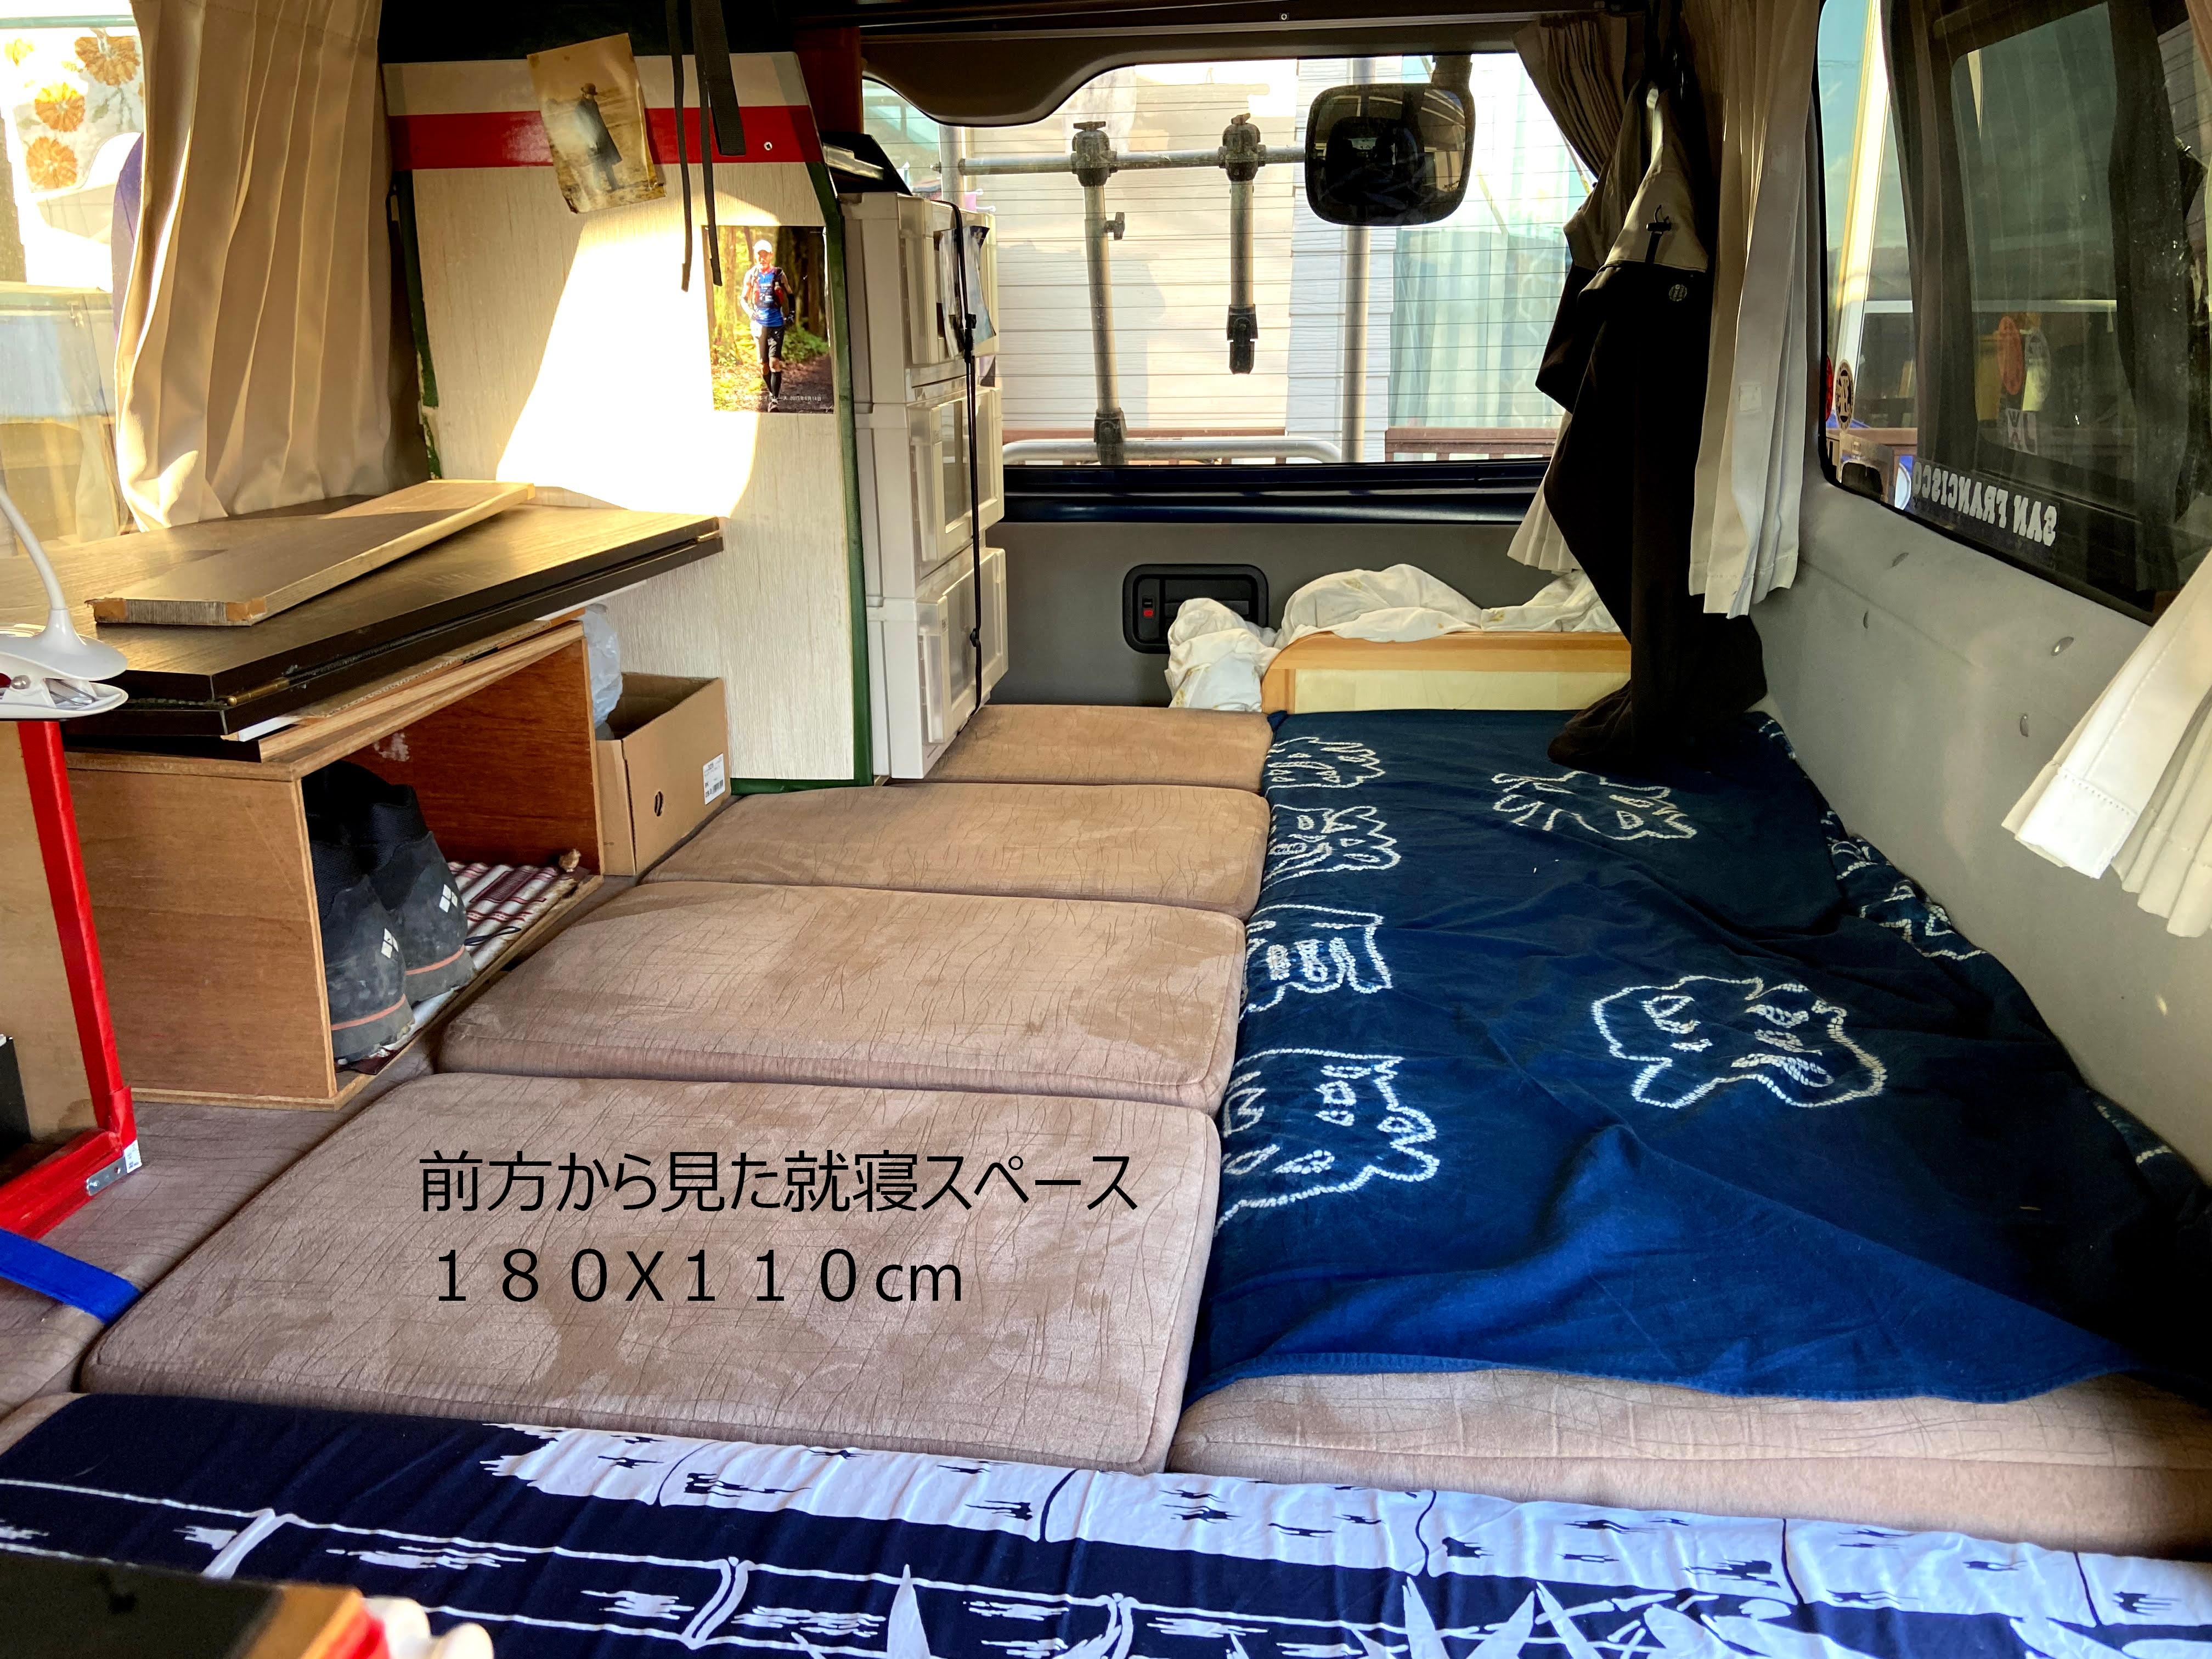 就寝時の内観 大人が2人就寝可能です  カーテンもありますのでプライバシーは確保できます